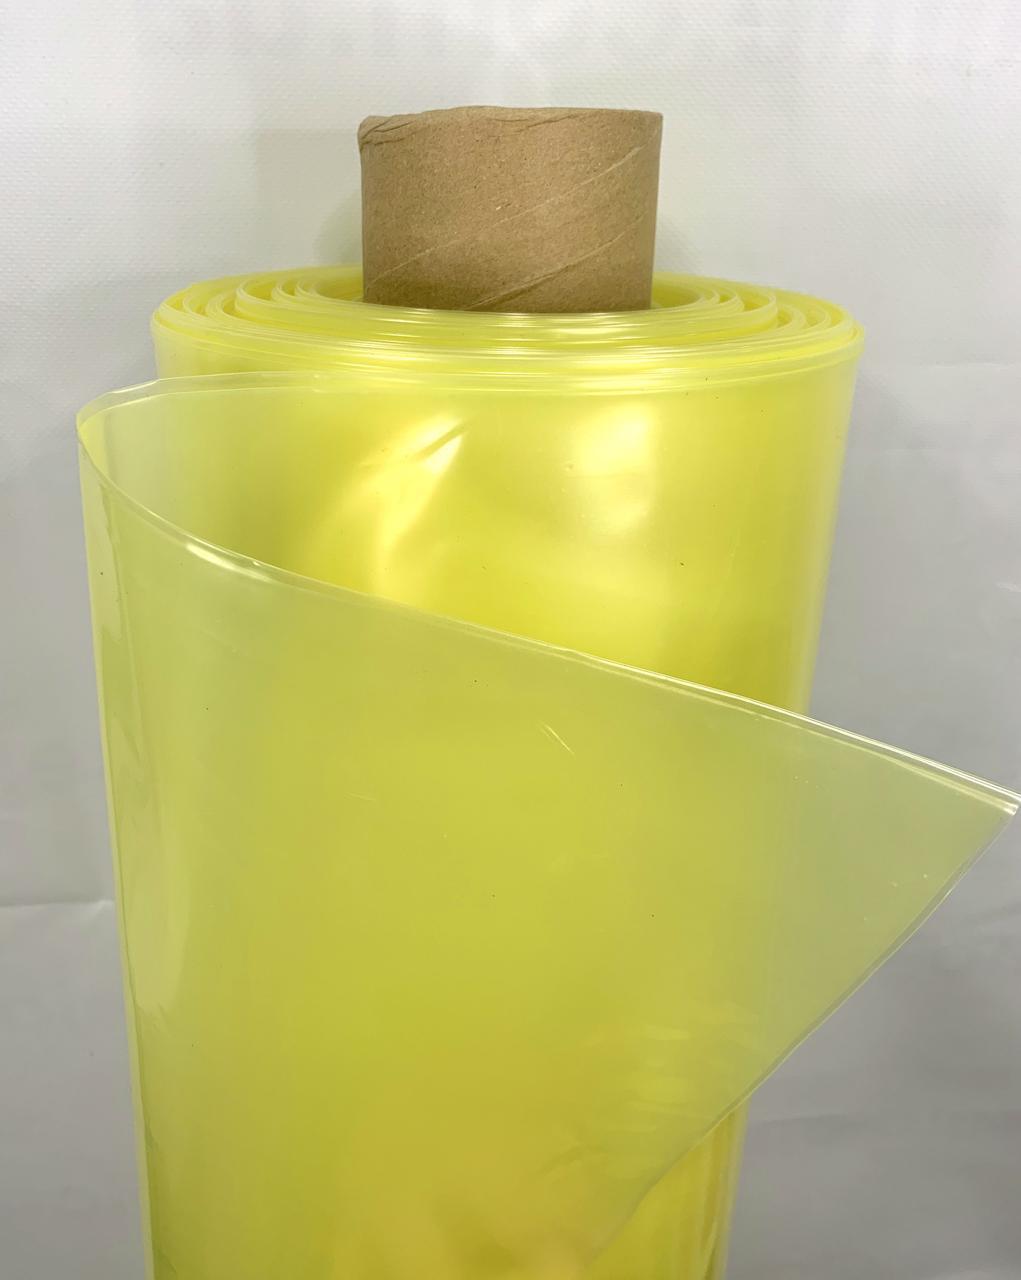 Пленка тепличная полиэтиленовая 70 мкм, 6х50 м.Парниковая стабилизированная.